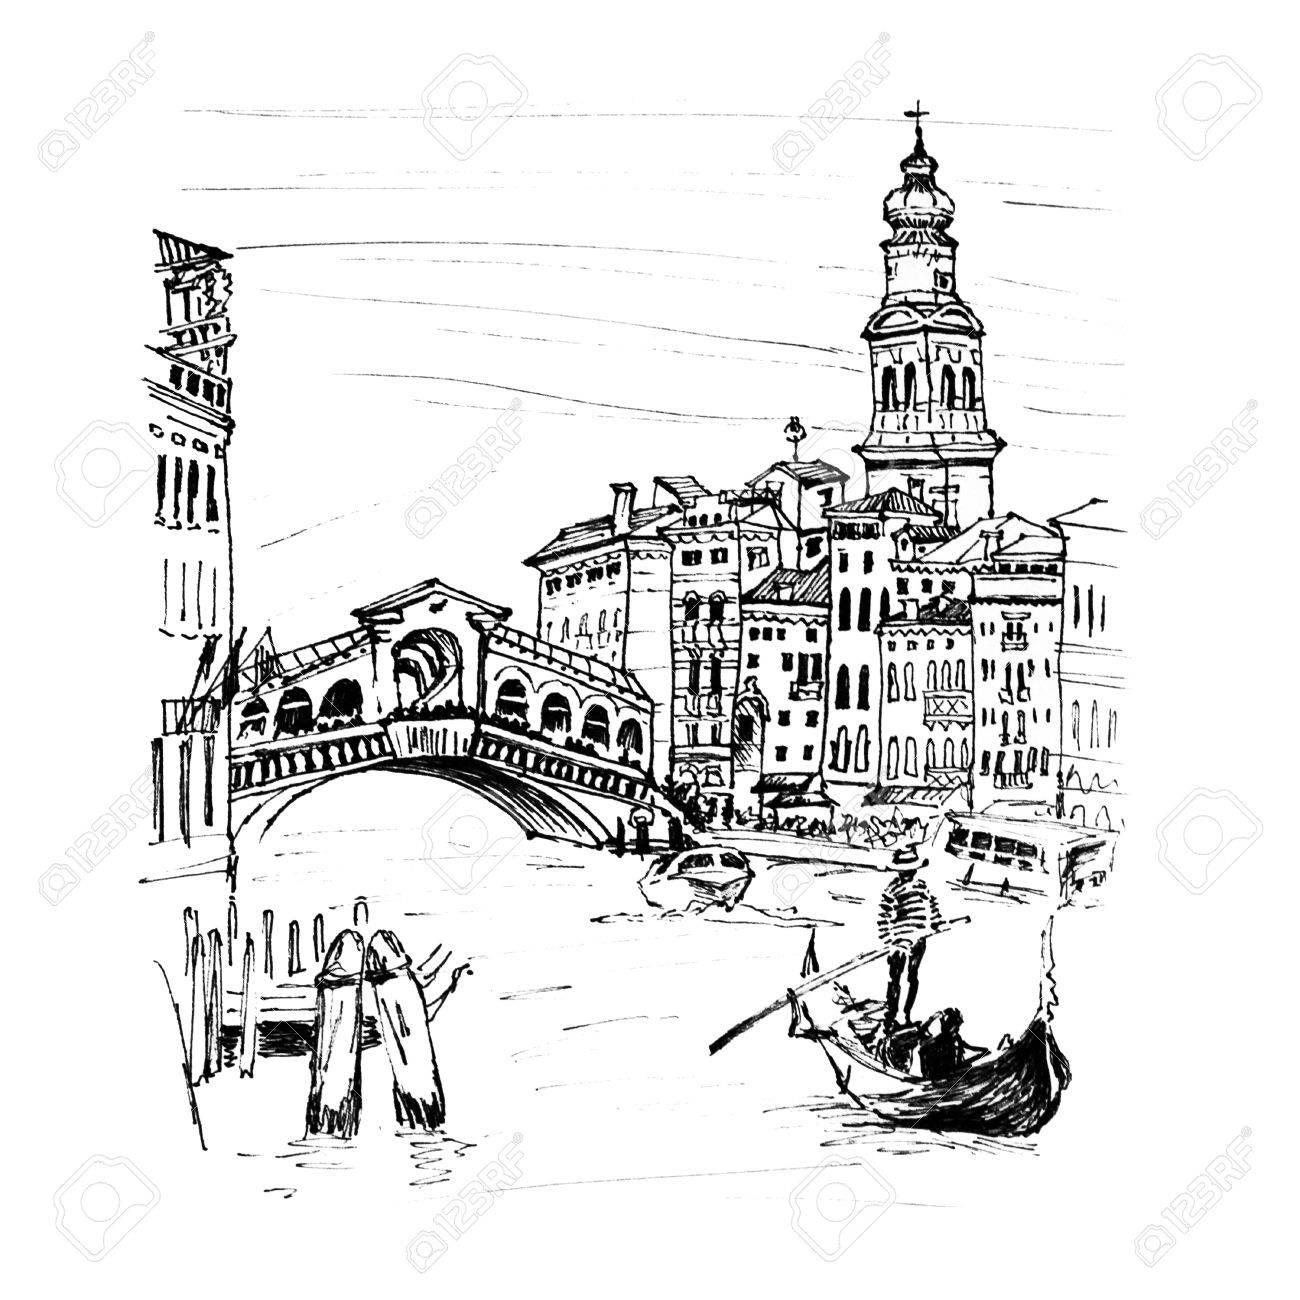 1300x1300 Grand Canal Near Bridge Ponte Di Rialto In Sketch Style, Venice